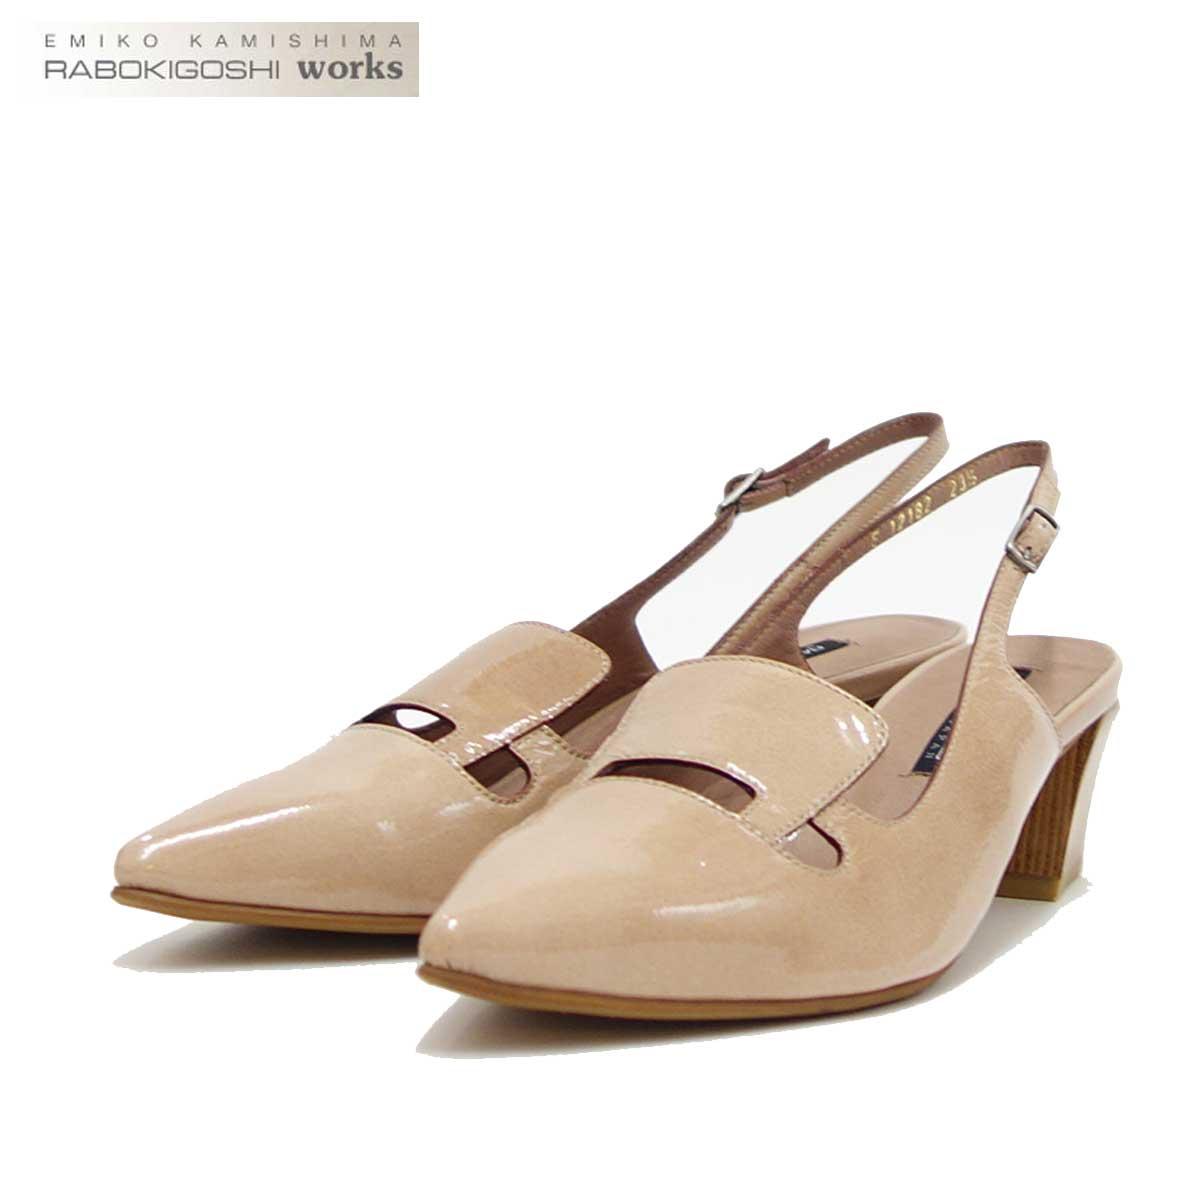 RABOKIGOSHI works(ラボキゴシ ワークス) 12182 パールベージュ エナメルバックストラップパンプス 「靴」